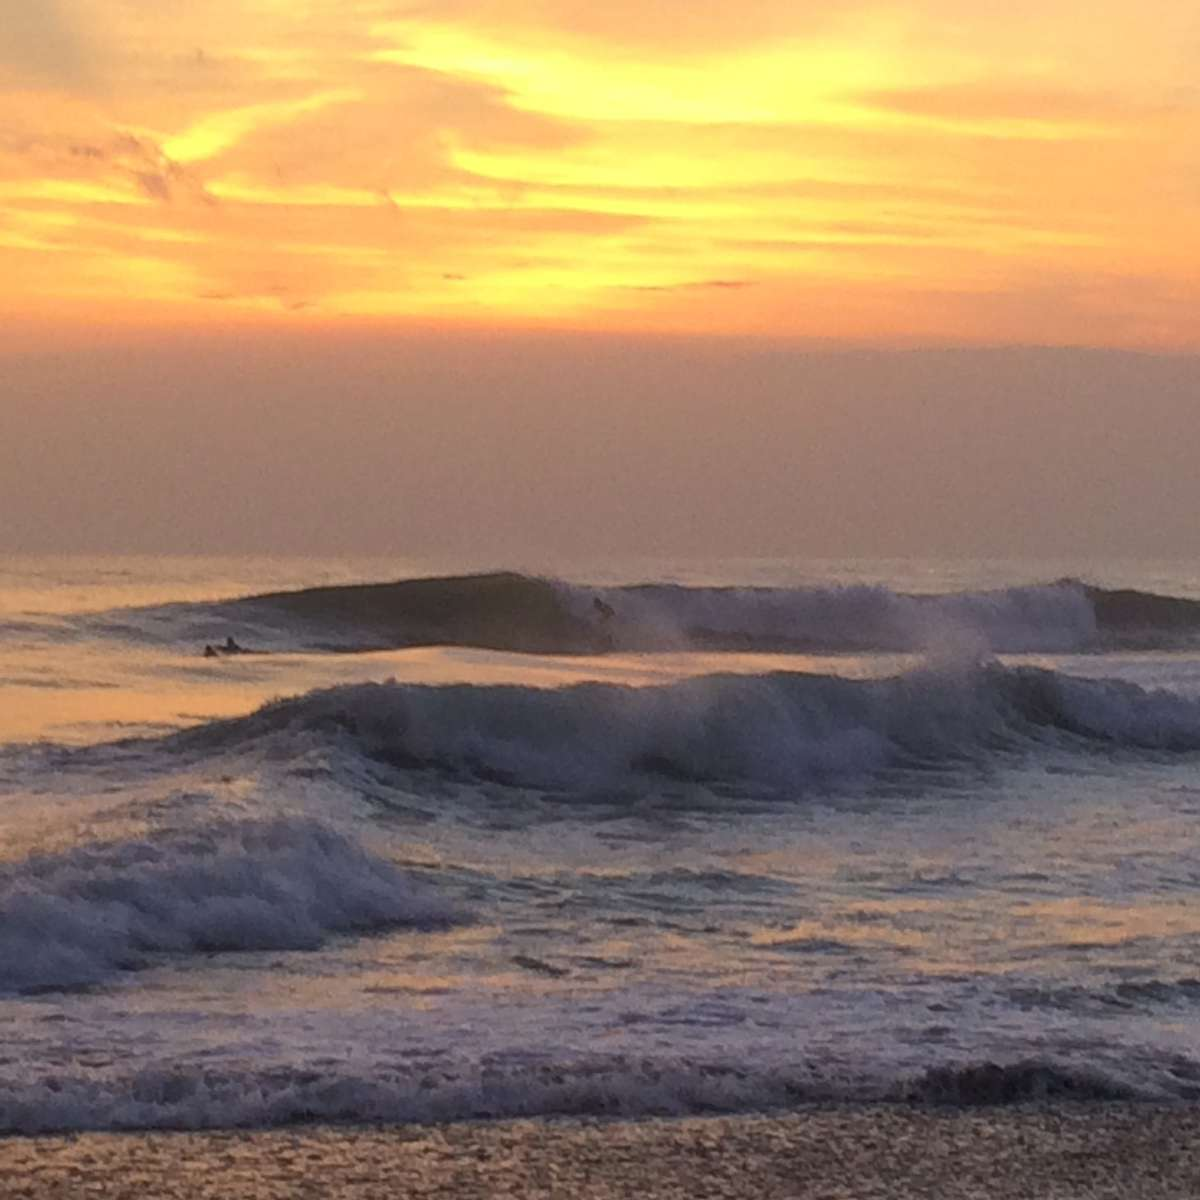 Echo Beach Bali- Le guide ultime pour votre séjour de surf à Canggu, Bali - Nomad Junkies